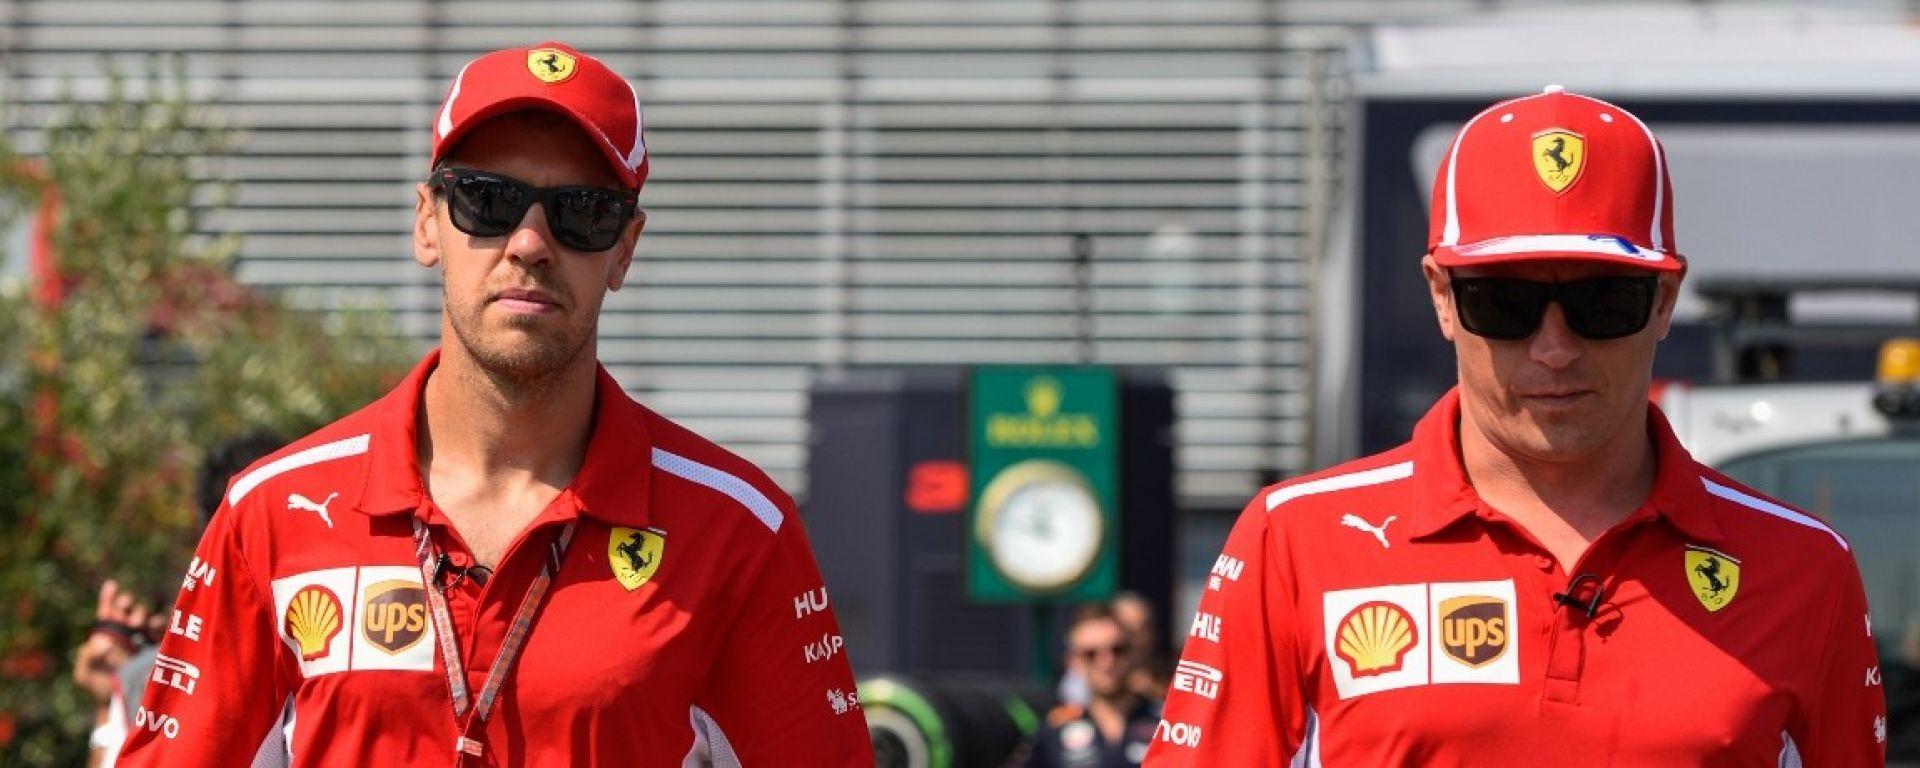 GP Italia 2018, Monza, Sebastian Vettel e Kimi Raikkonen, i due piloti della Ferrari